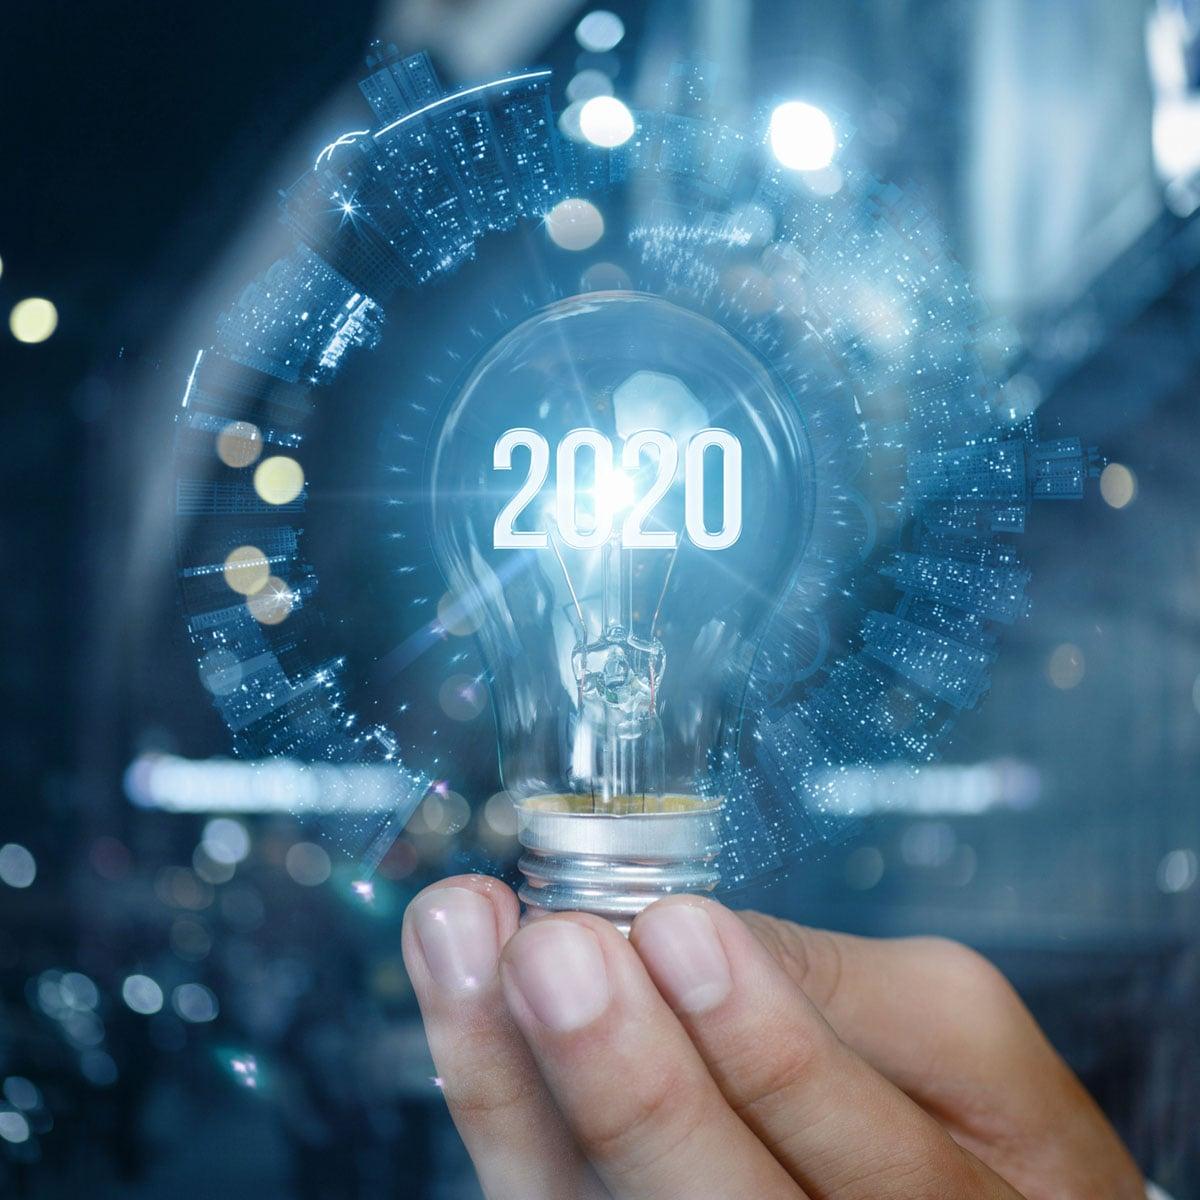 Il 2020 sarà positivo come il 2019?